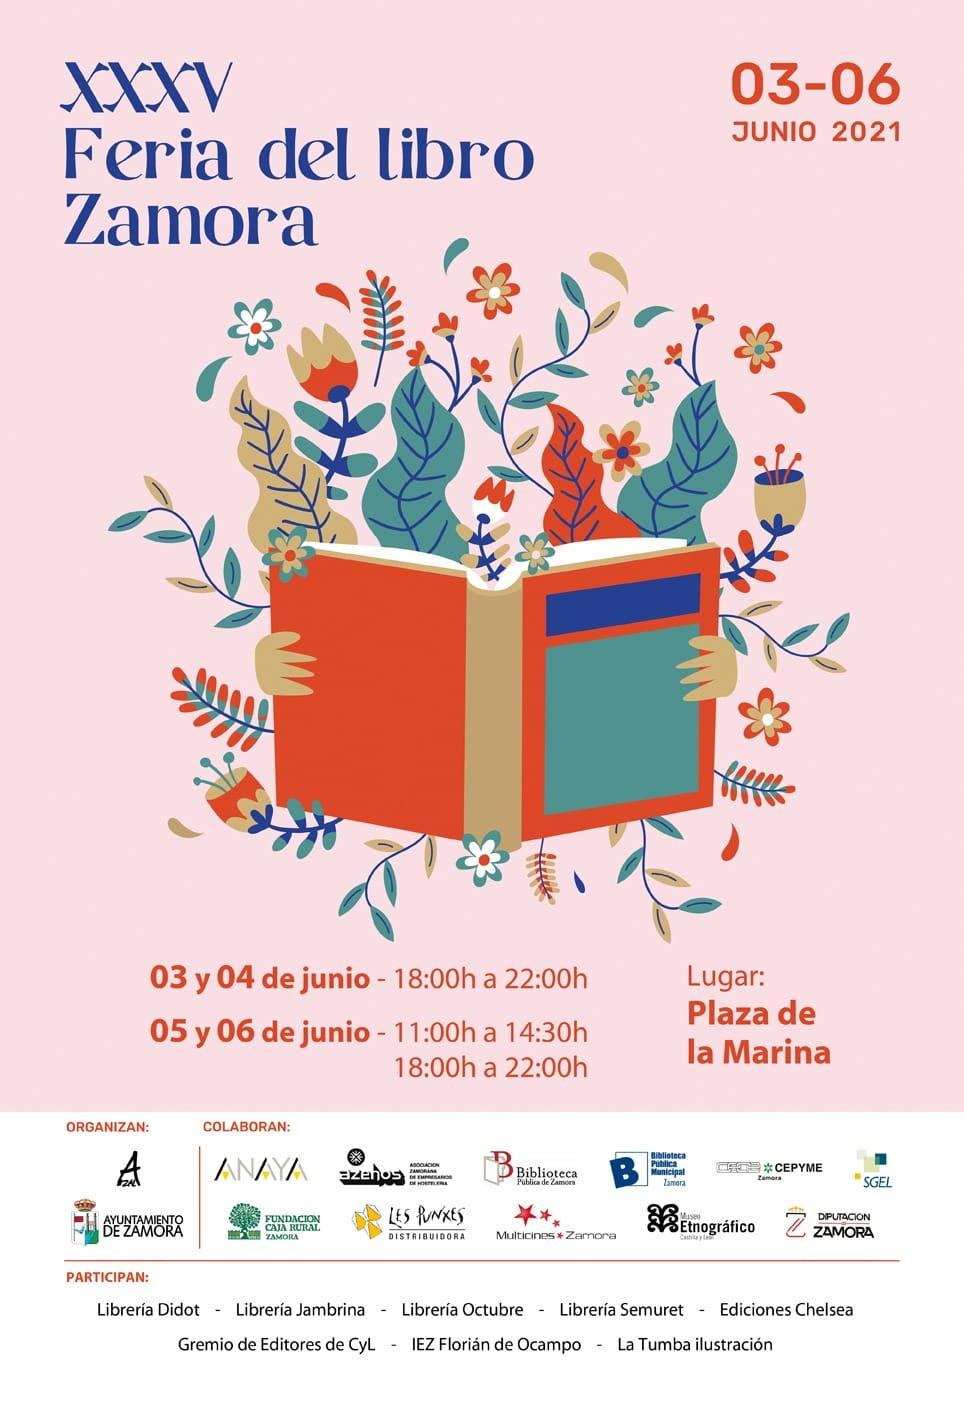 XXXV Feria del Libro de Zamora